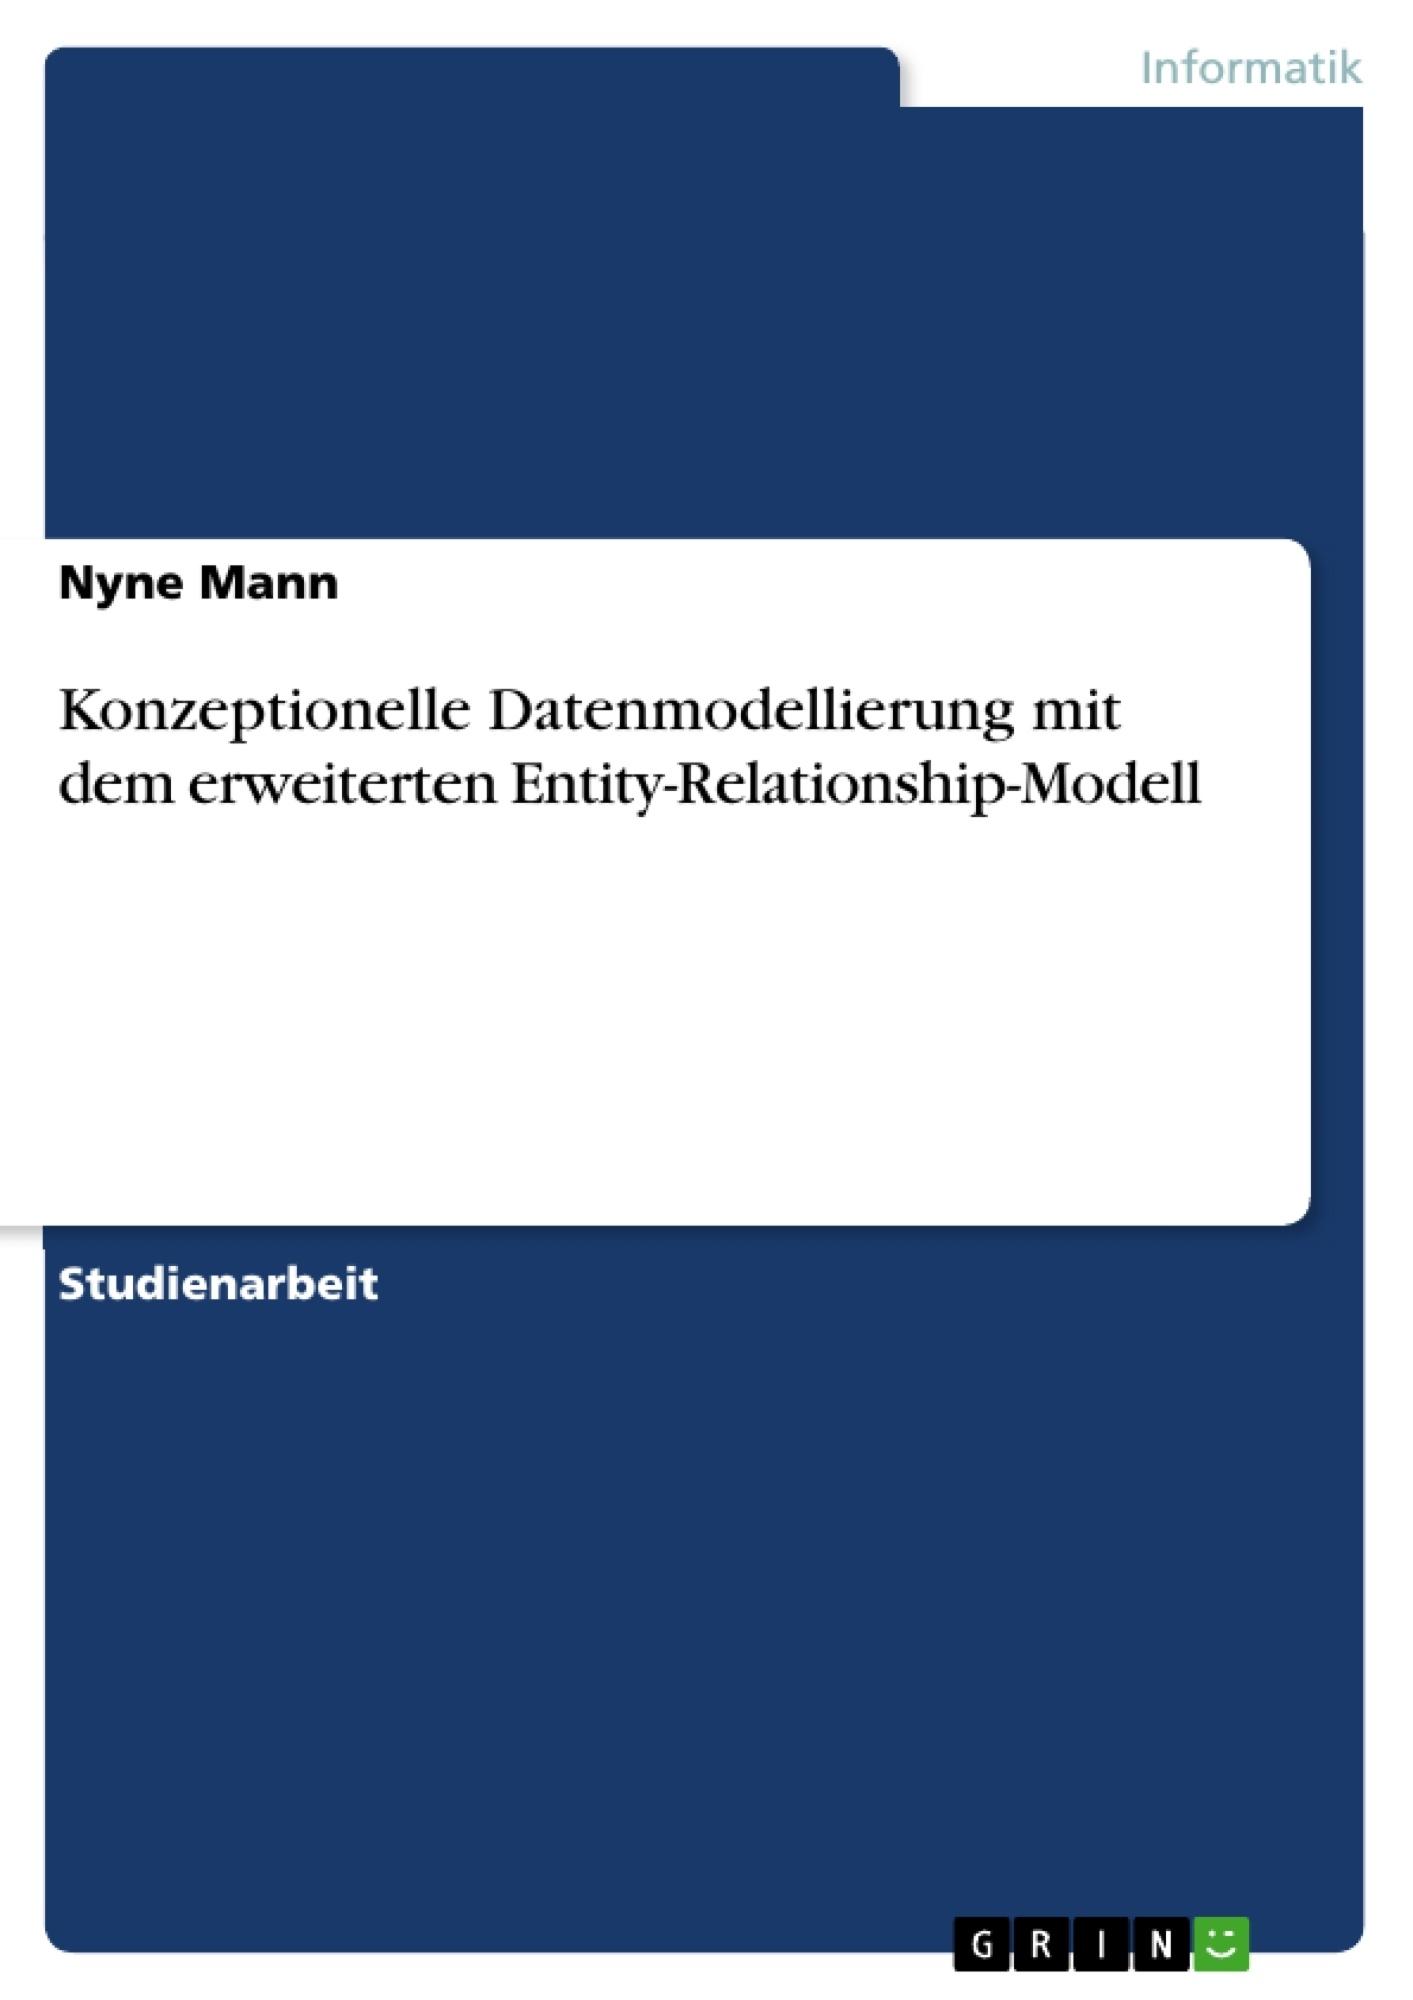 Titel: Konzeptionelle Datenmodellierung mit dem erweiterten Entity-Relationship-Modell